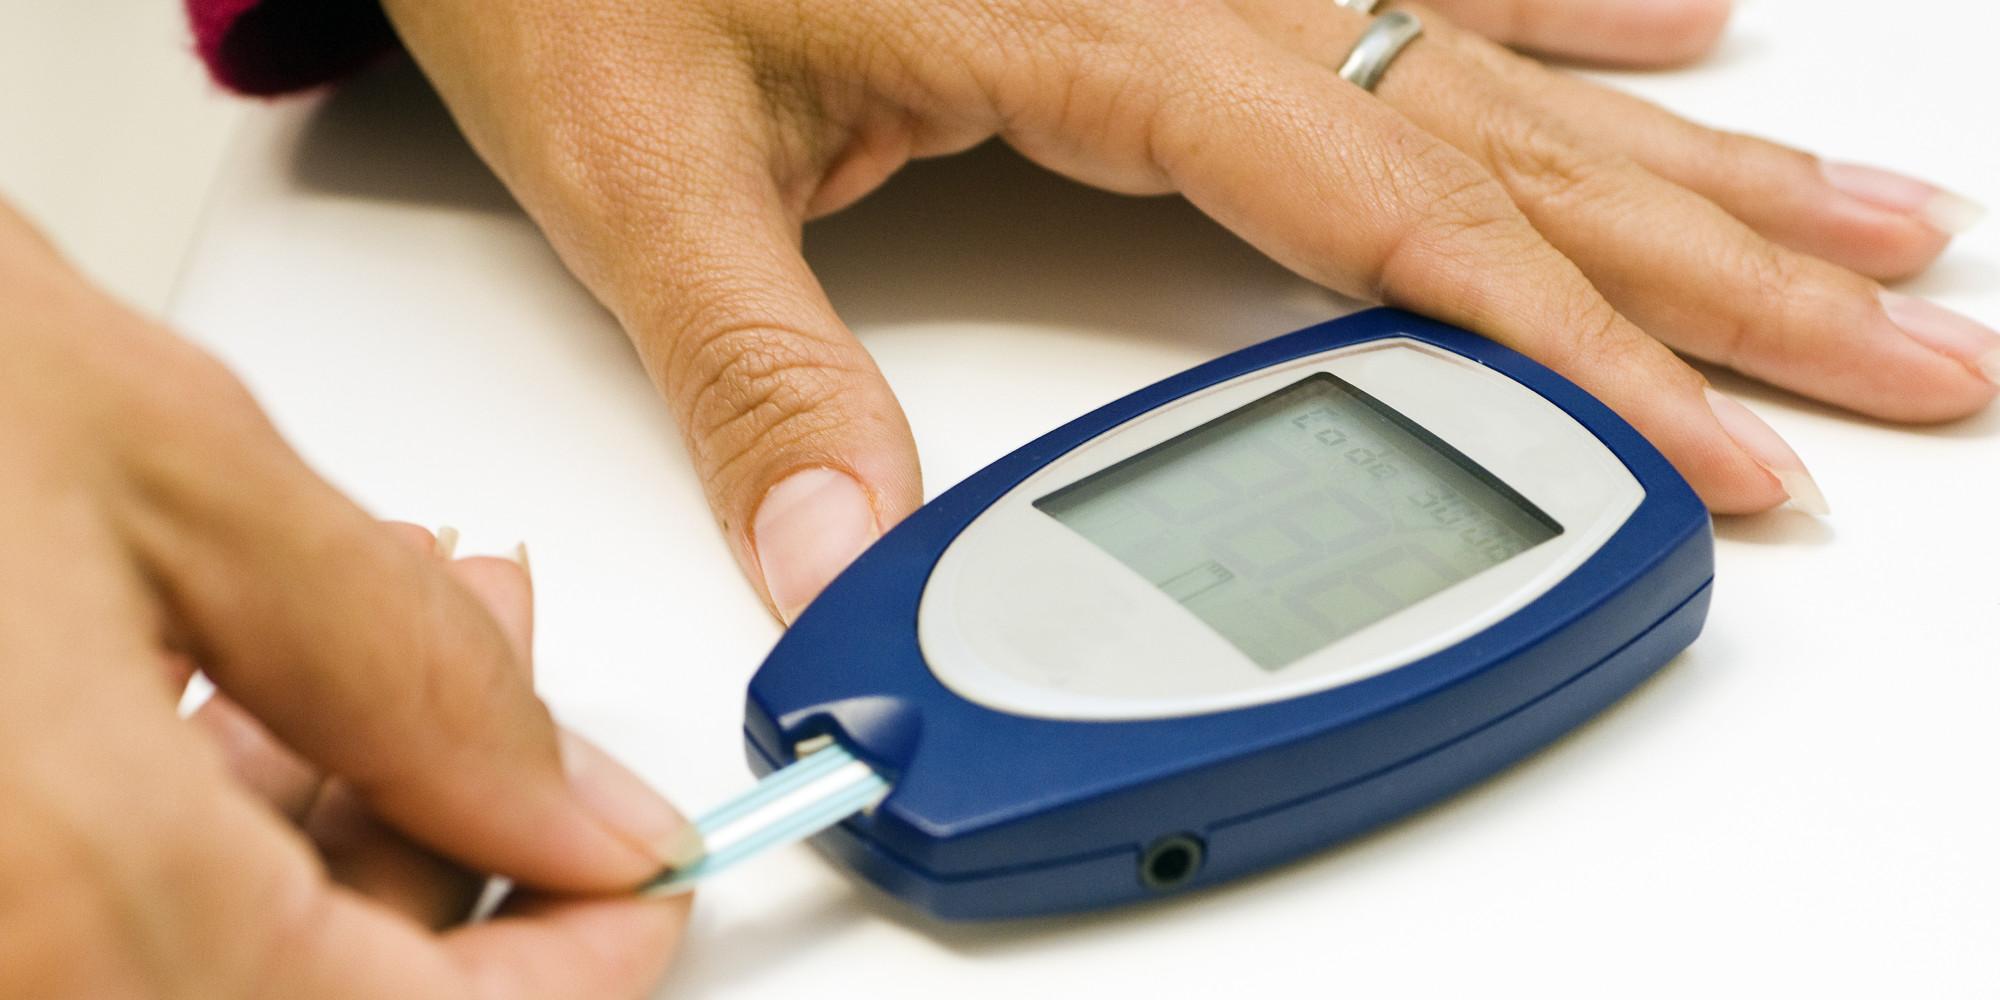 Лечение сахарного диабета народными средствами в домашних 3